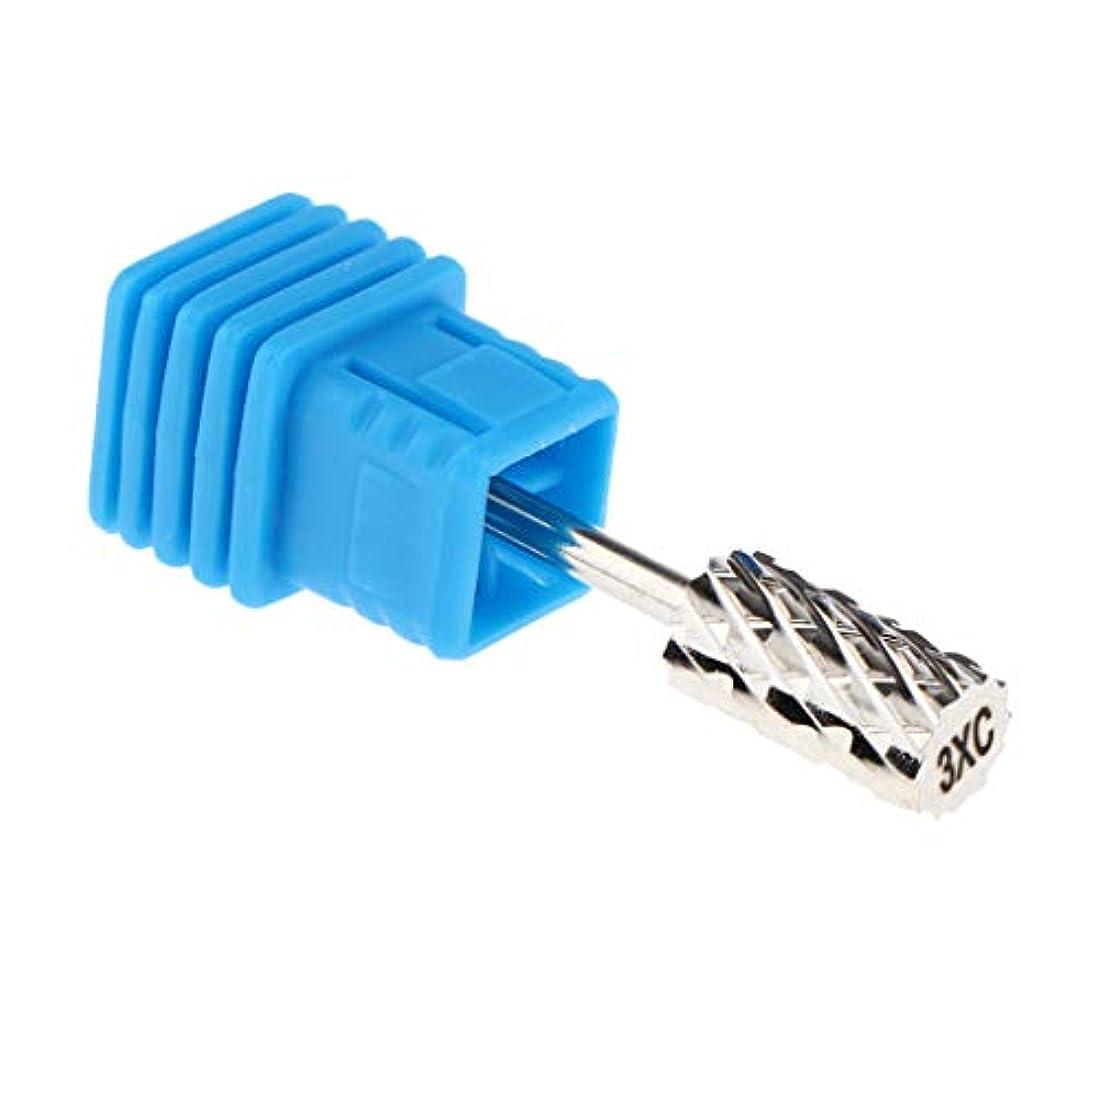 指導する以下別のDYNWAVE 専門の釘の穴あけ工具磨くキューティクルの取り外しの穴あけ工具 - 06